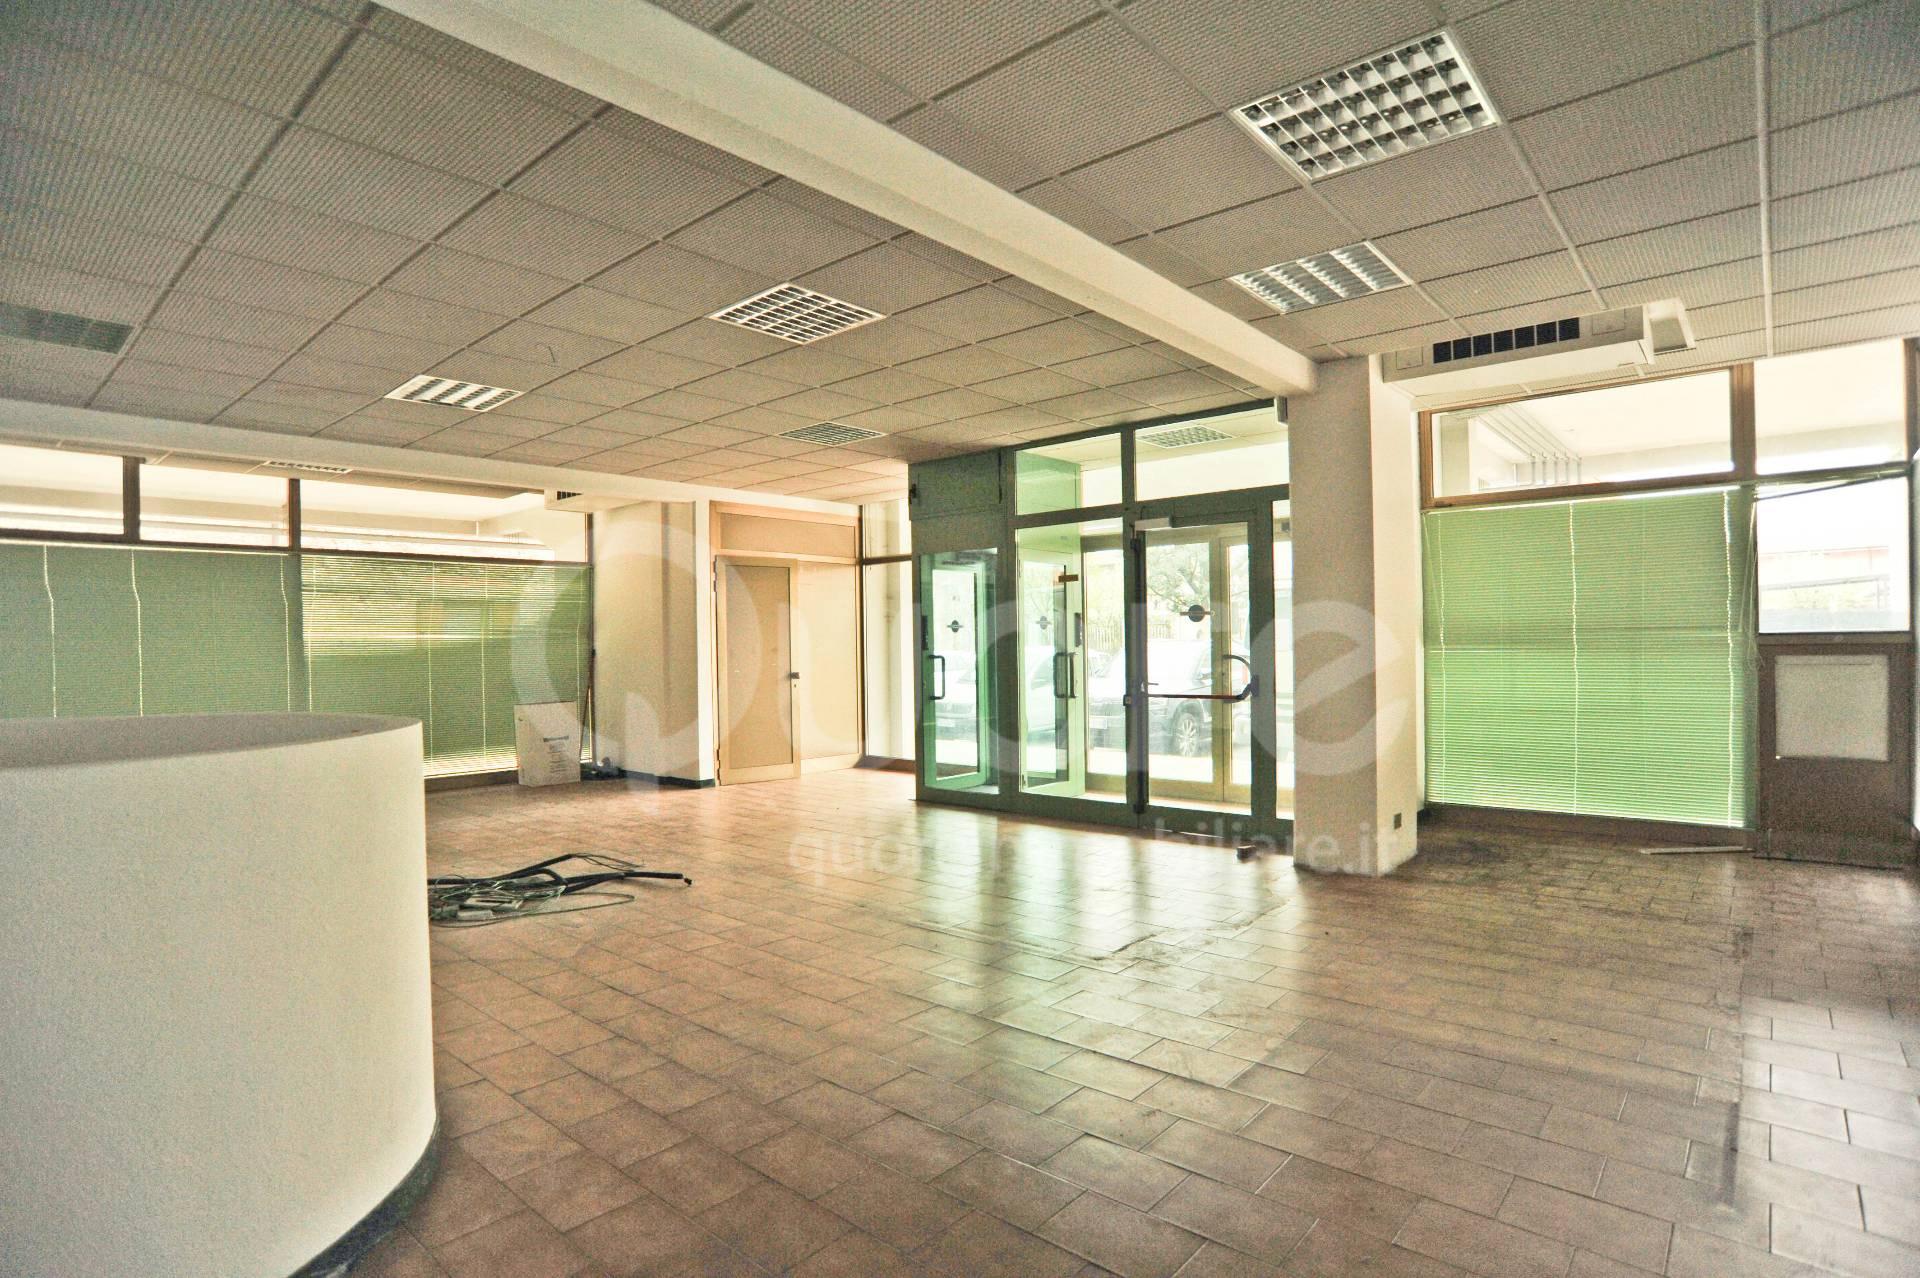 Negozio / Locale in vendita a Udine, 9999 locali, zona Zona: Beivars, prezzo € 108.000   CambioCasa.it